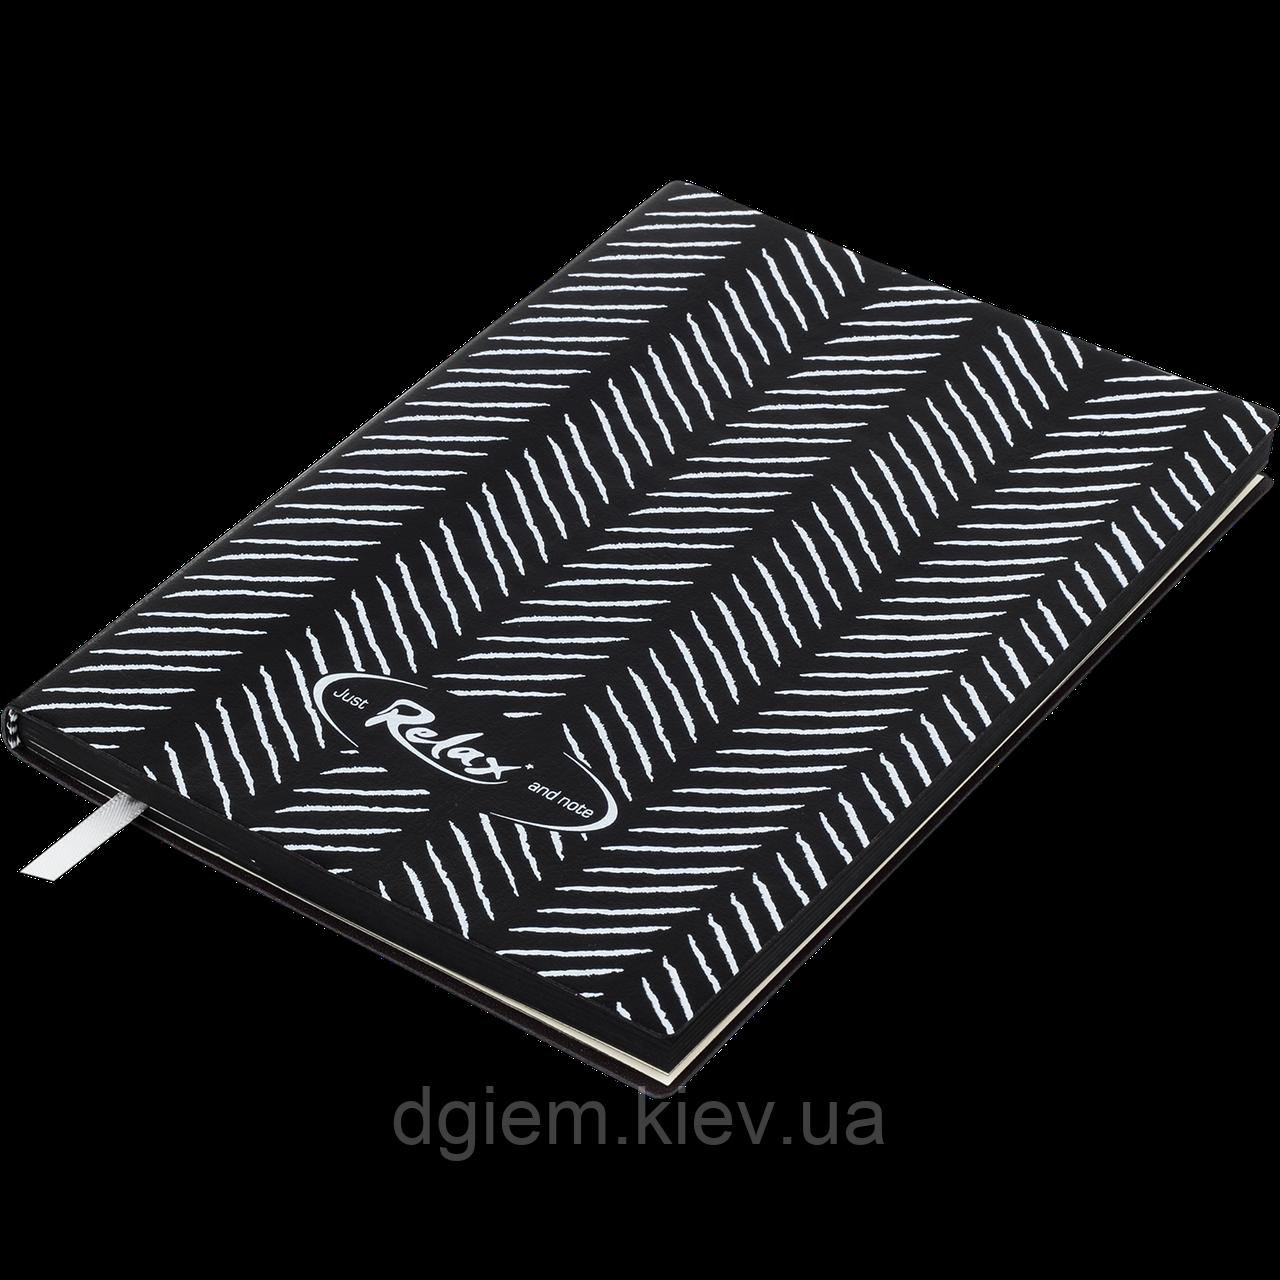 Блокнот ділової RELAX А5 96арк. лінія, що позов. шкіра, чорний